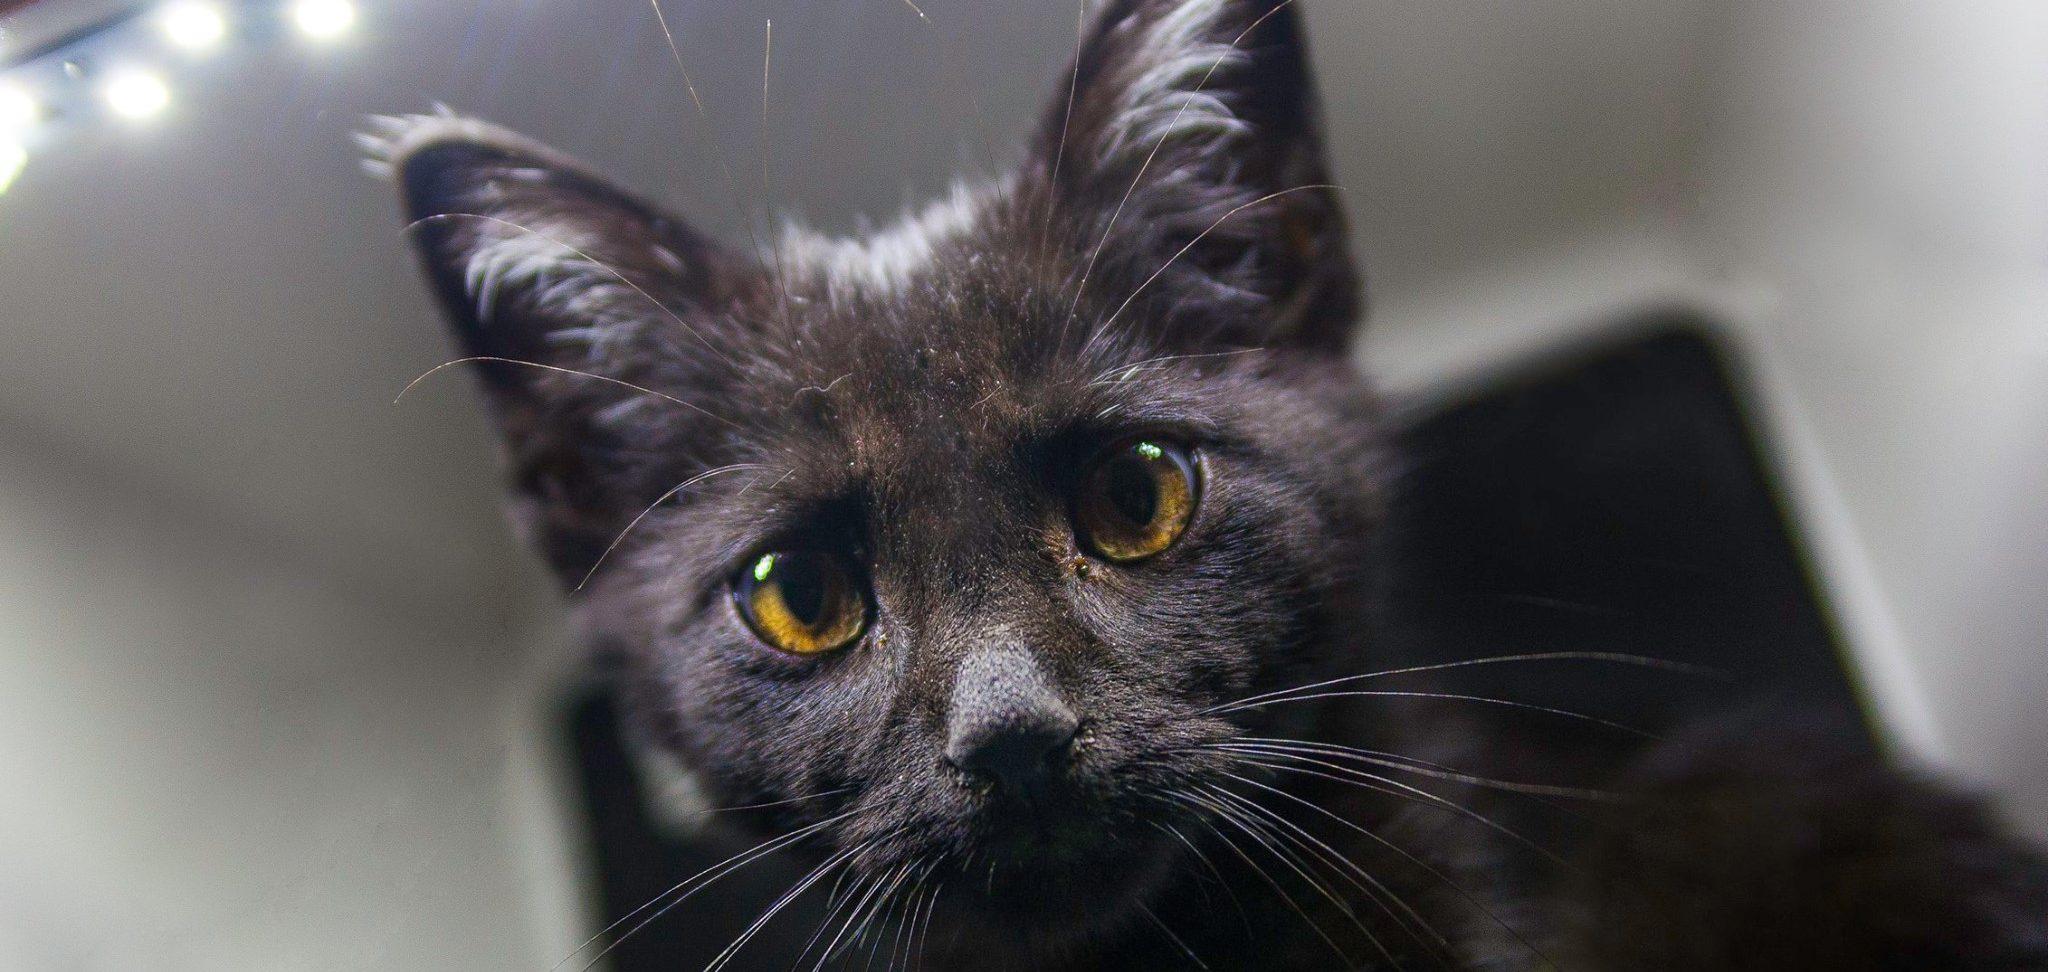 μαύρη γάτα Μαύρες γάτες